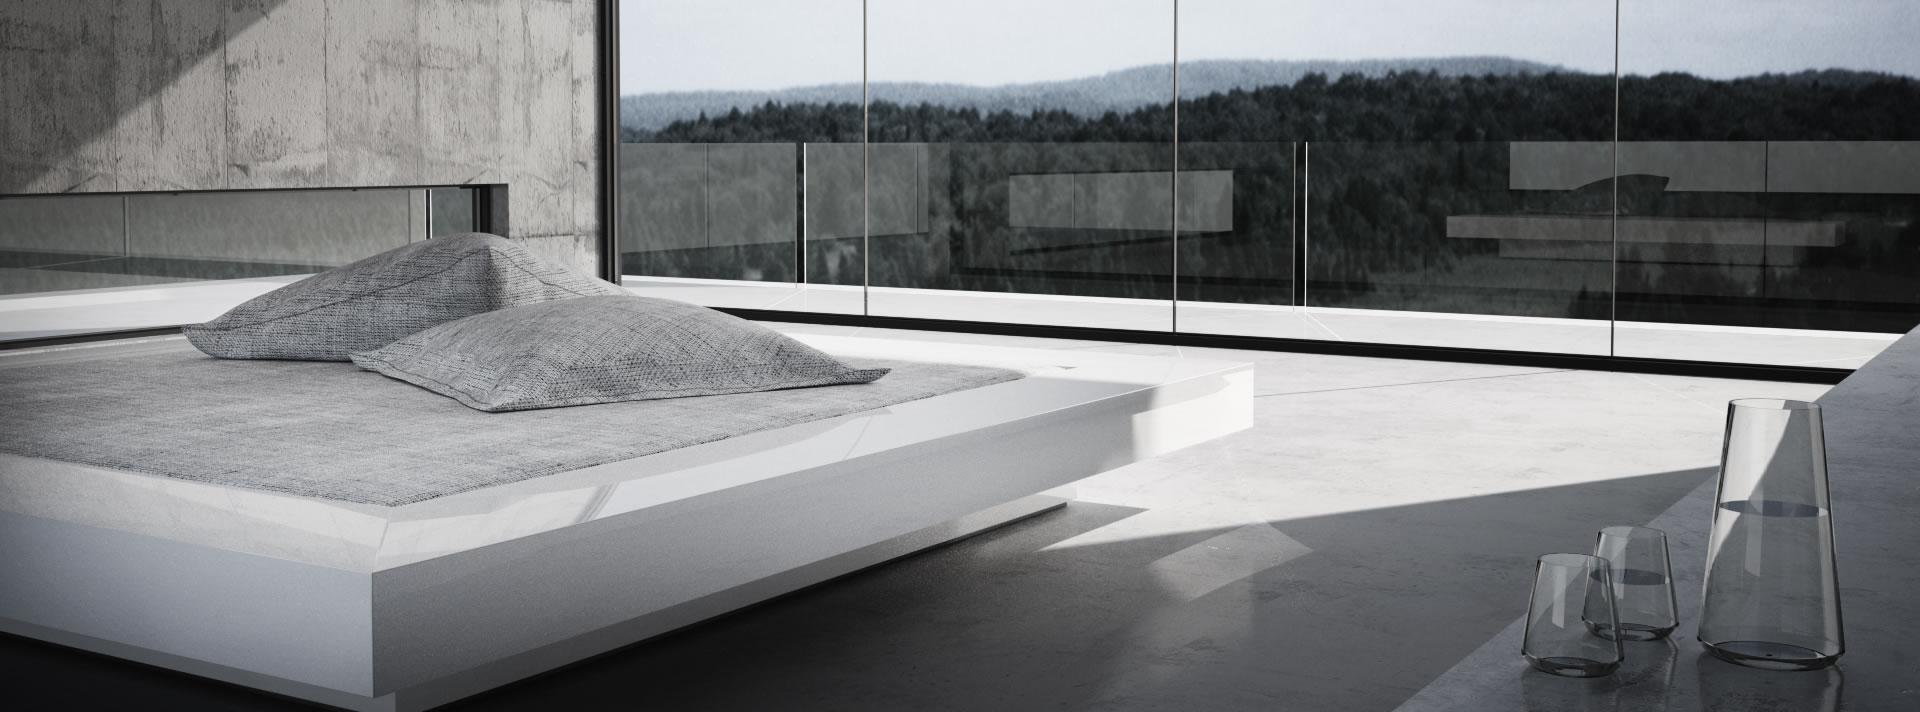 exklusive betten handgefertigte exklusive betten von rechteck. Black Bedroom Furniture Sets. Home Design Ideas